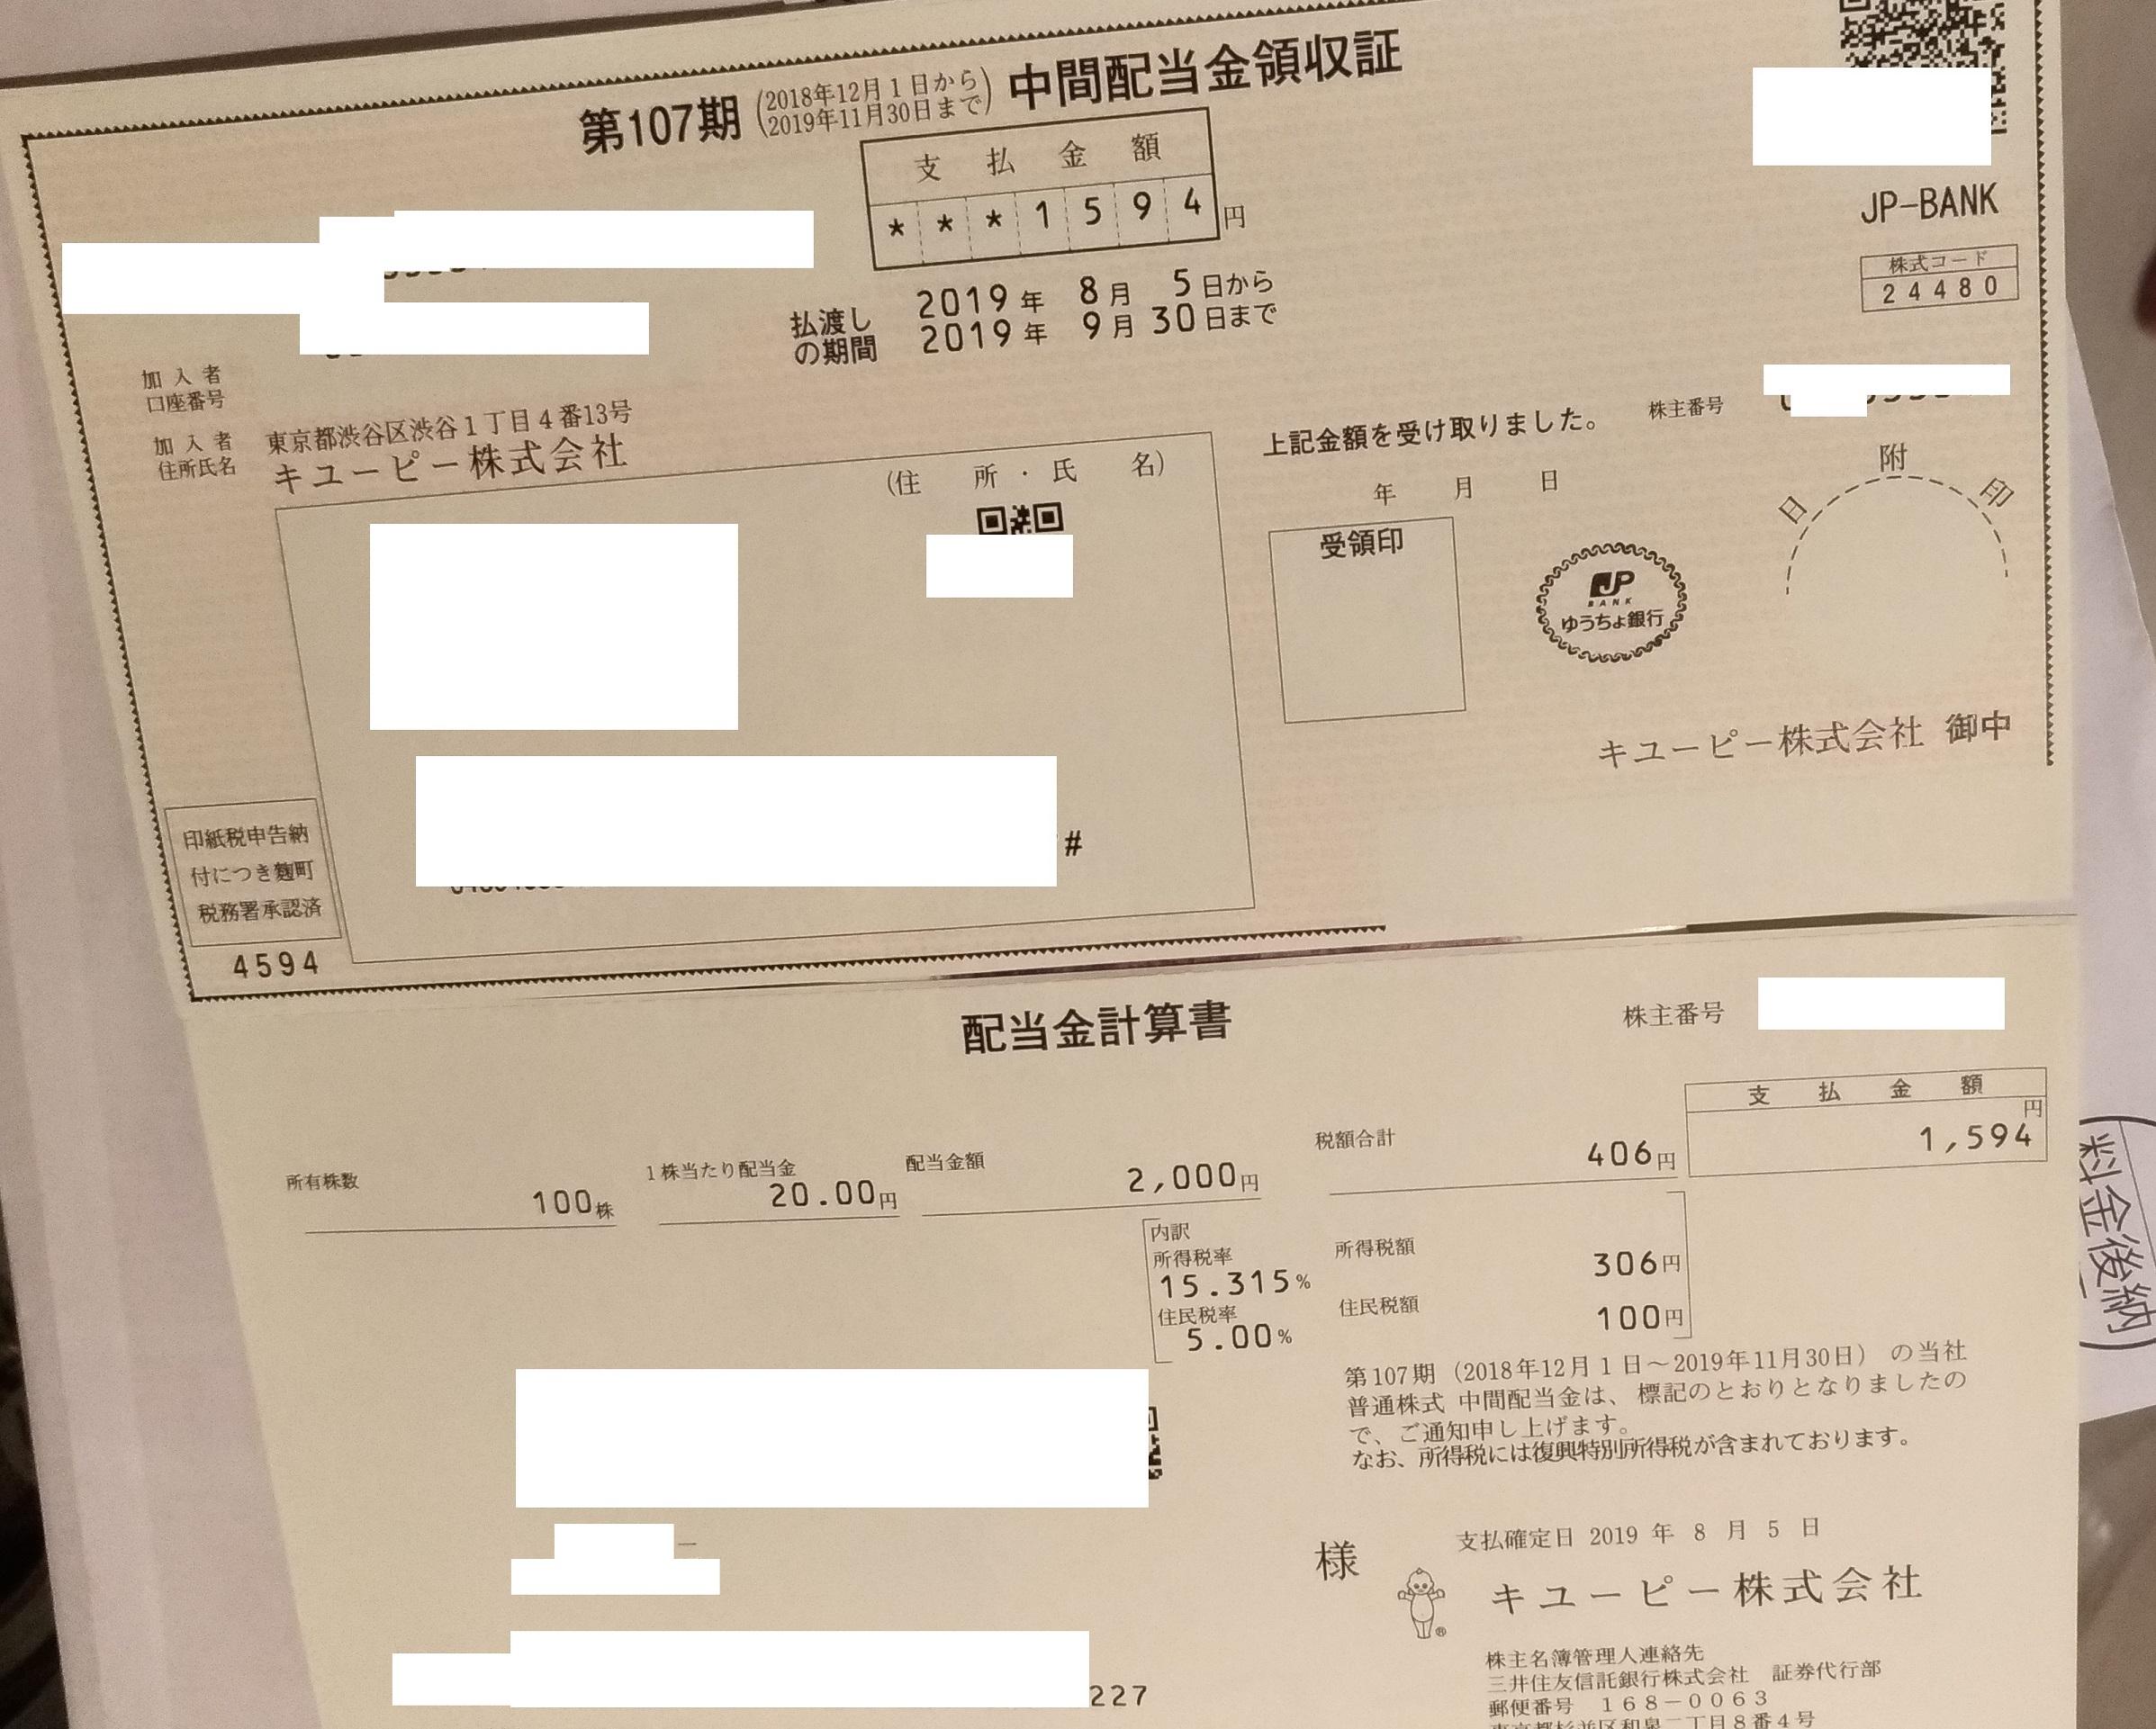 kyupi_haito_201908_itsu.jpg